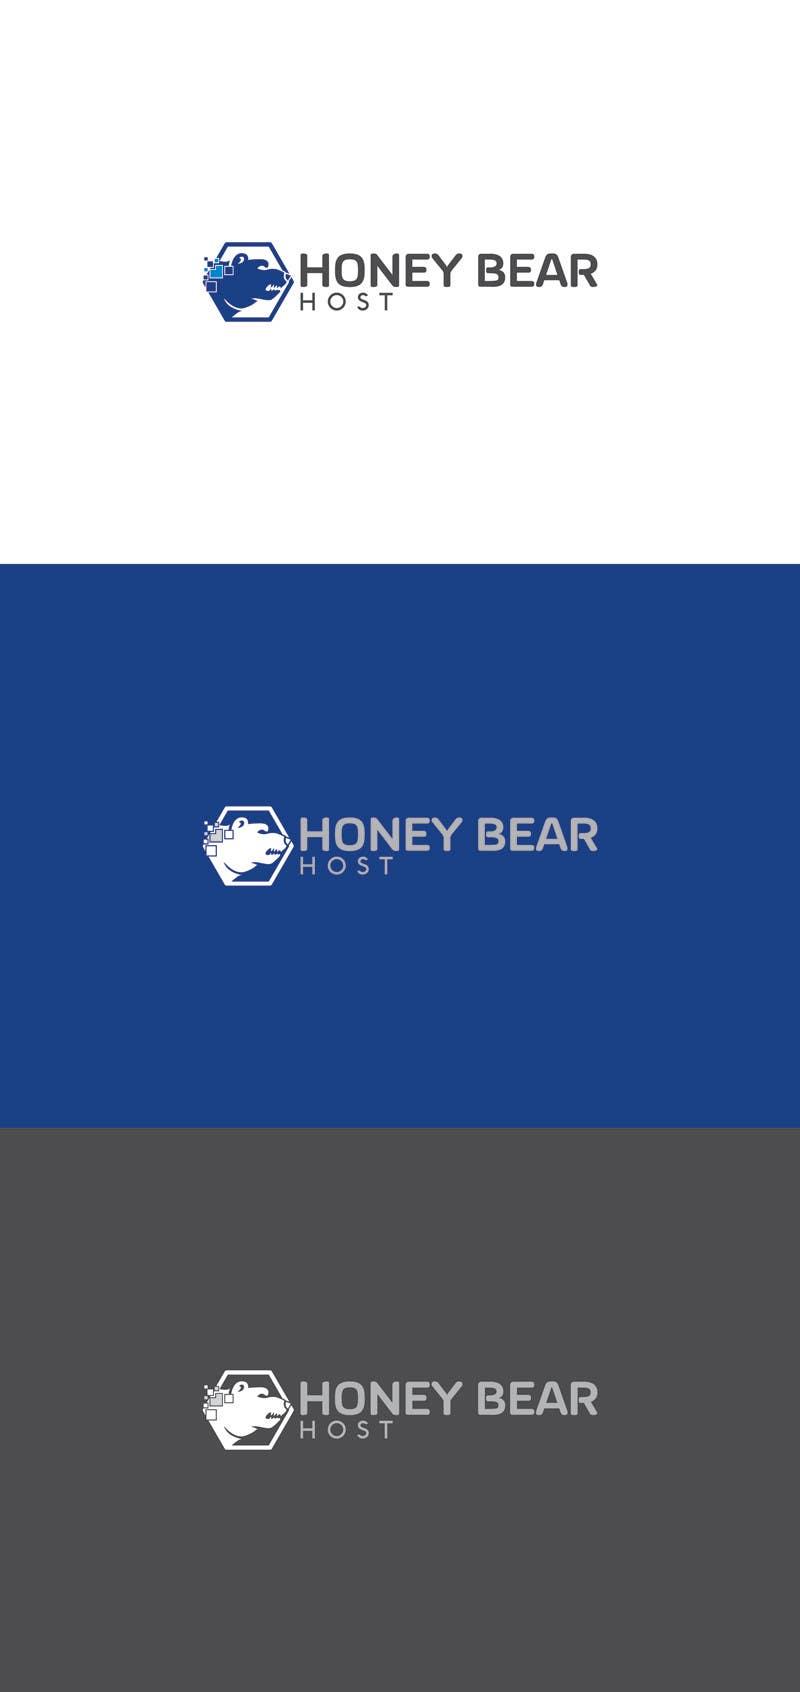 Contest Entry #3 for Design a logo for hosting company